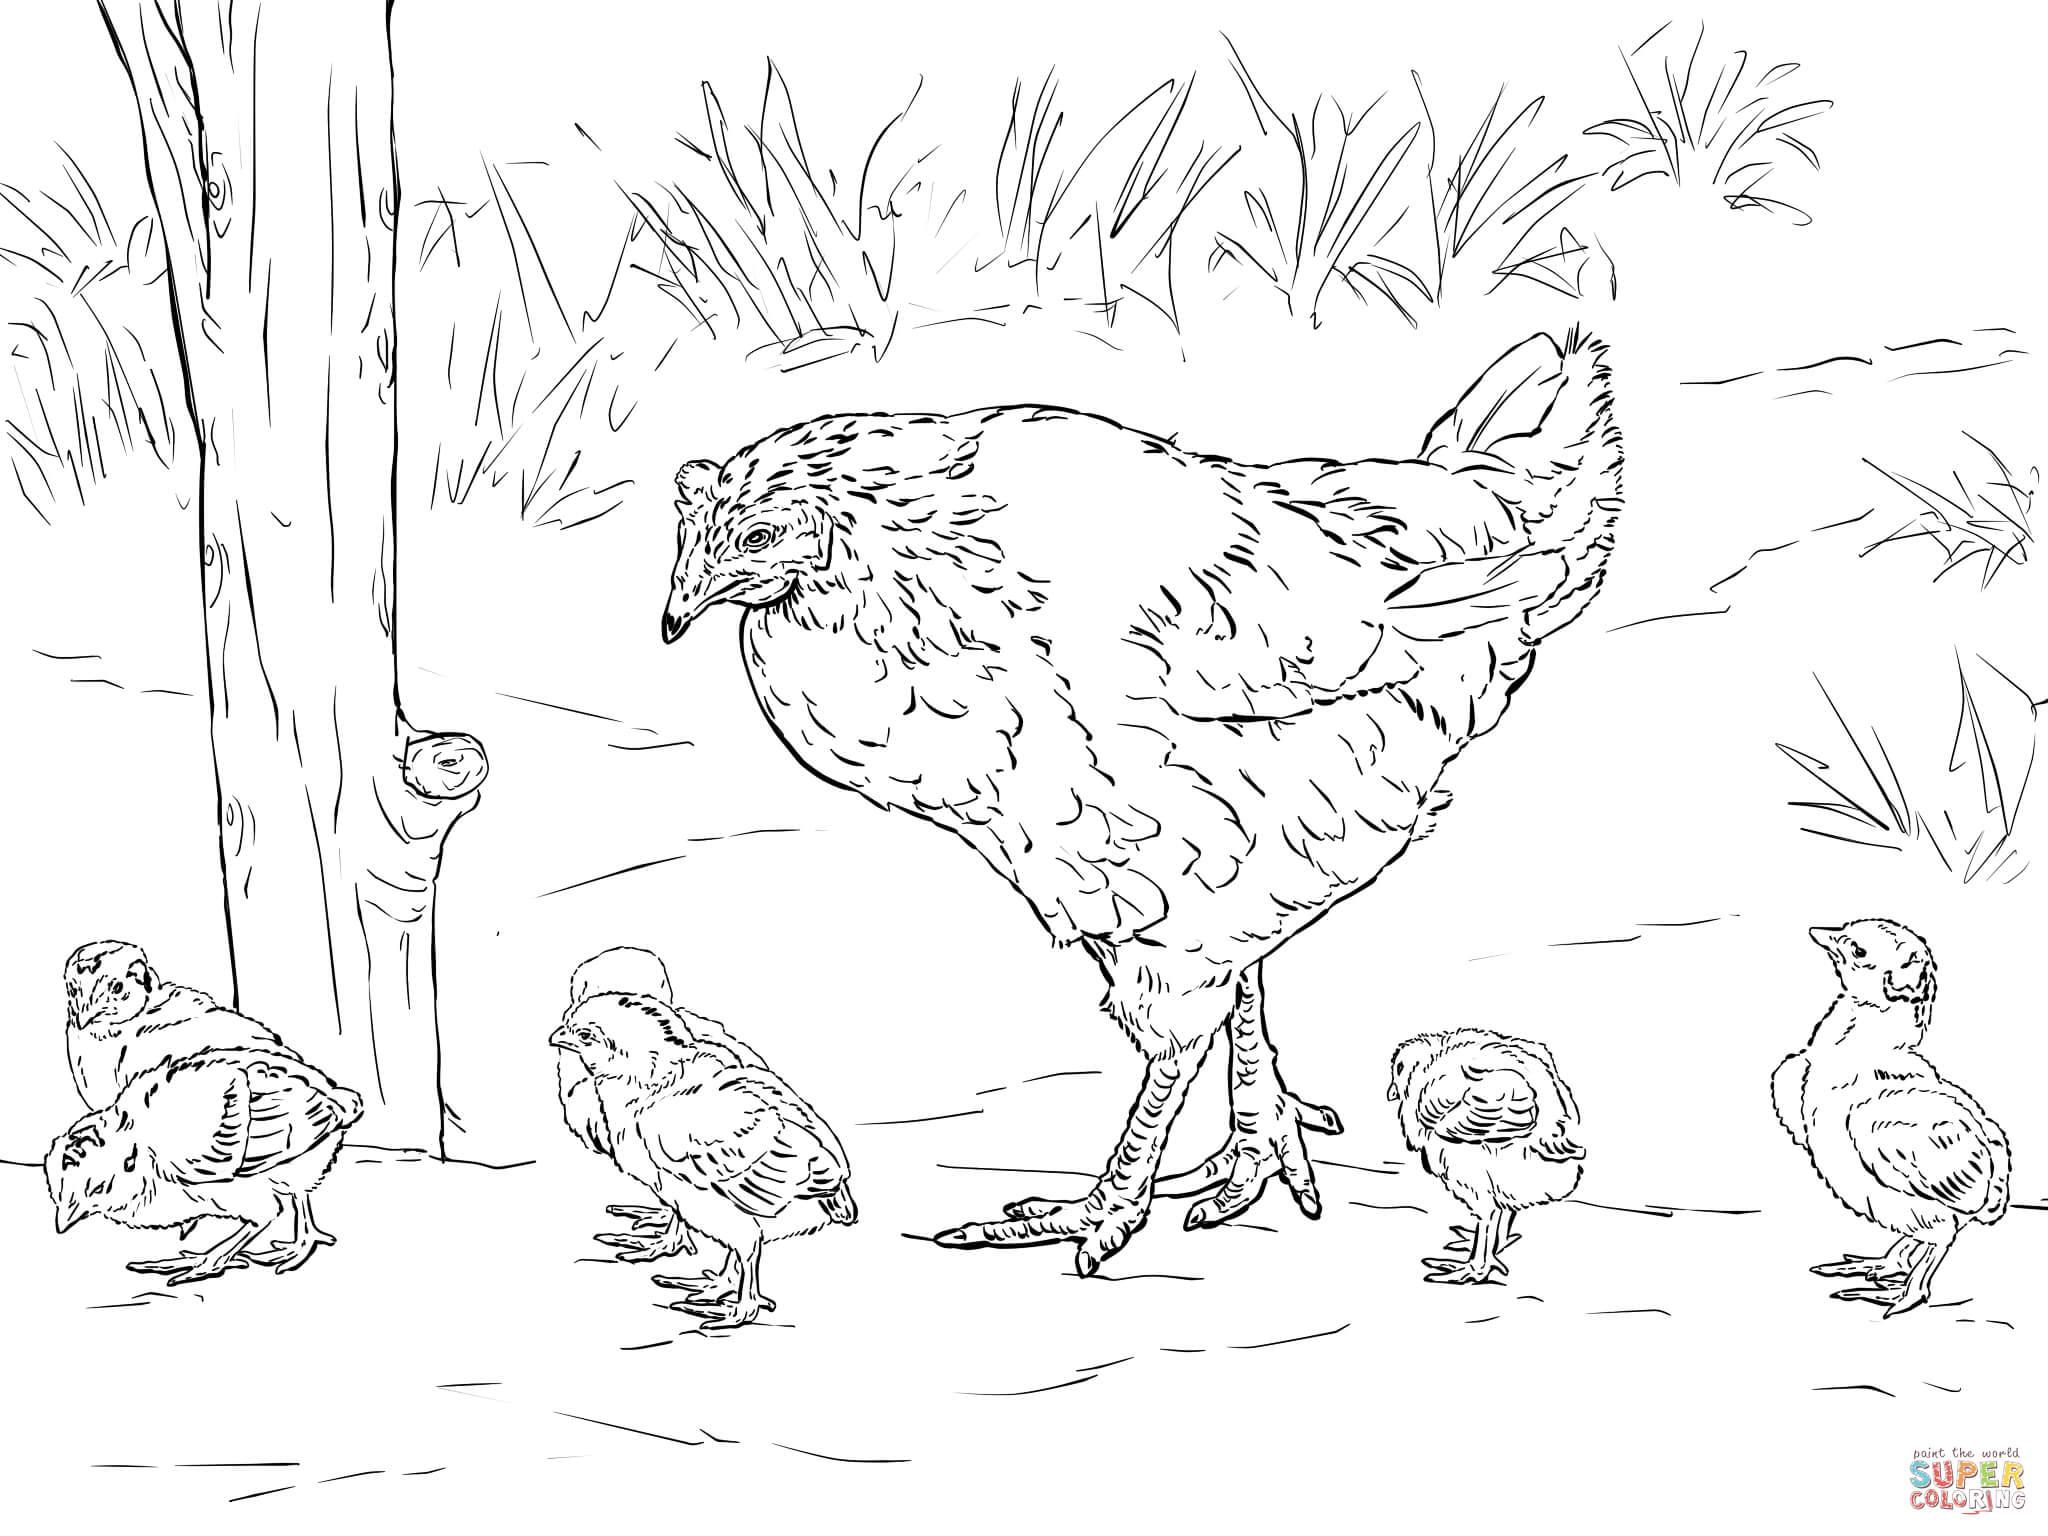 Ausmalbilder Hühner - Malvorlagen Kostenlos Zum Ausdrucken in Hühner Ausmalbilder